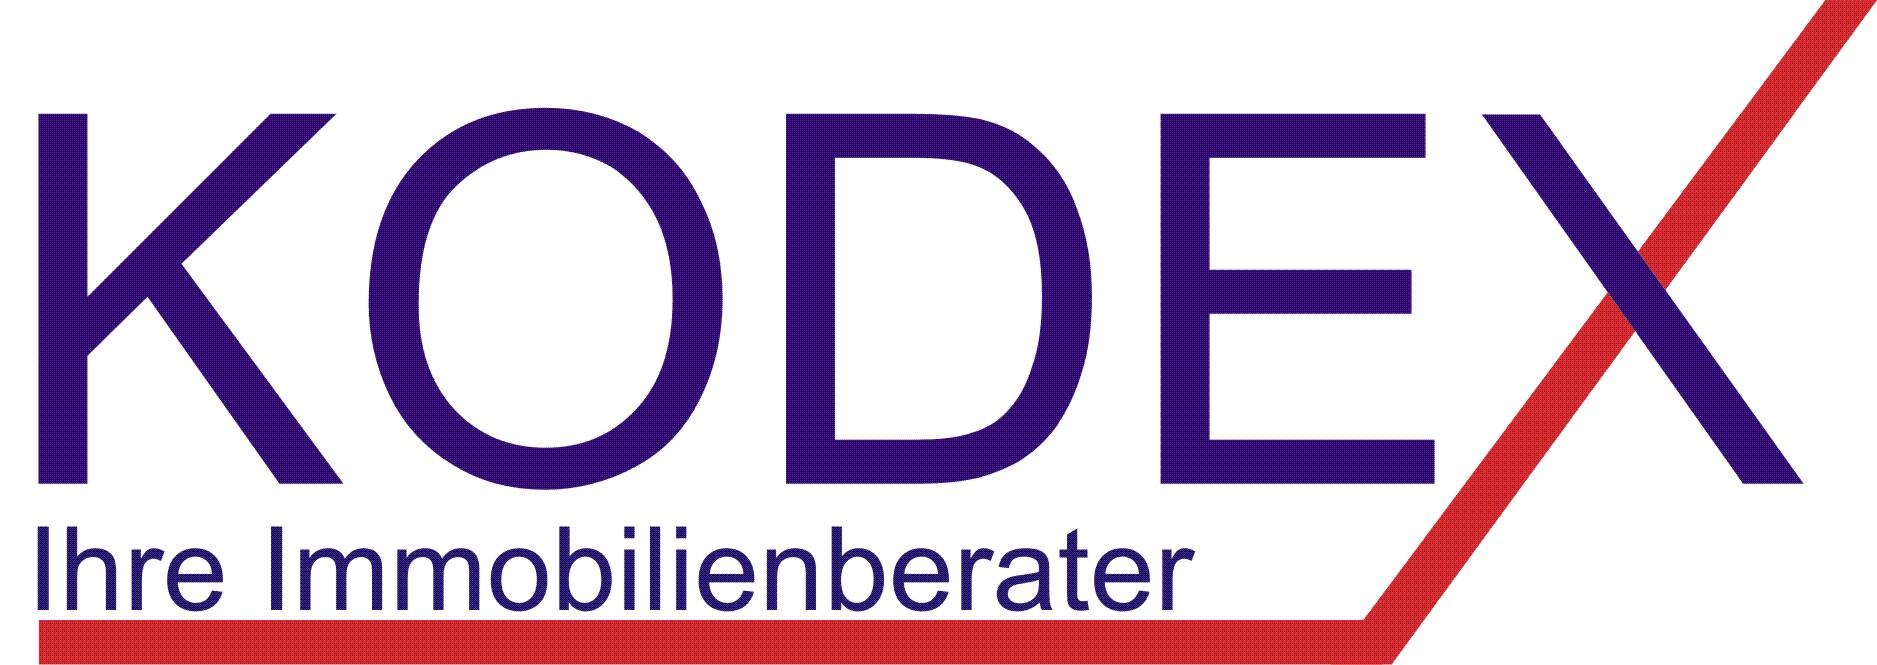 Hier sehen Sie das Logo von KODEX - Ihre Immobilienberater